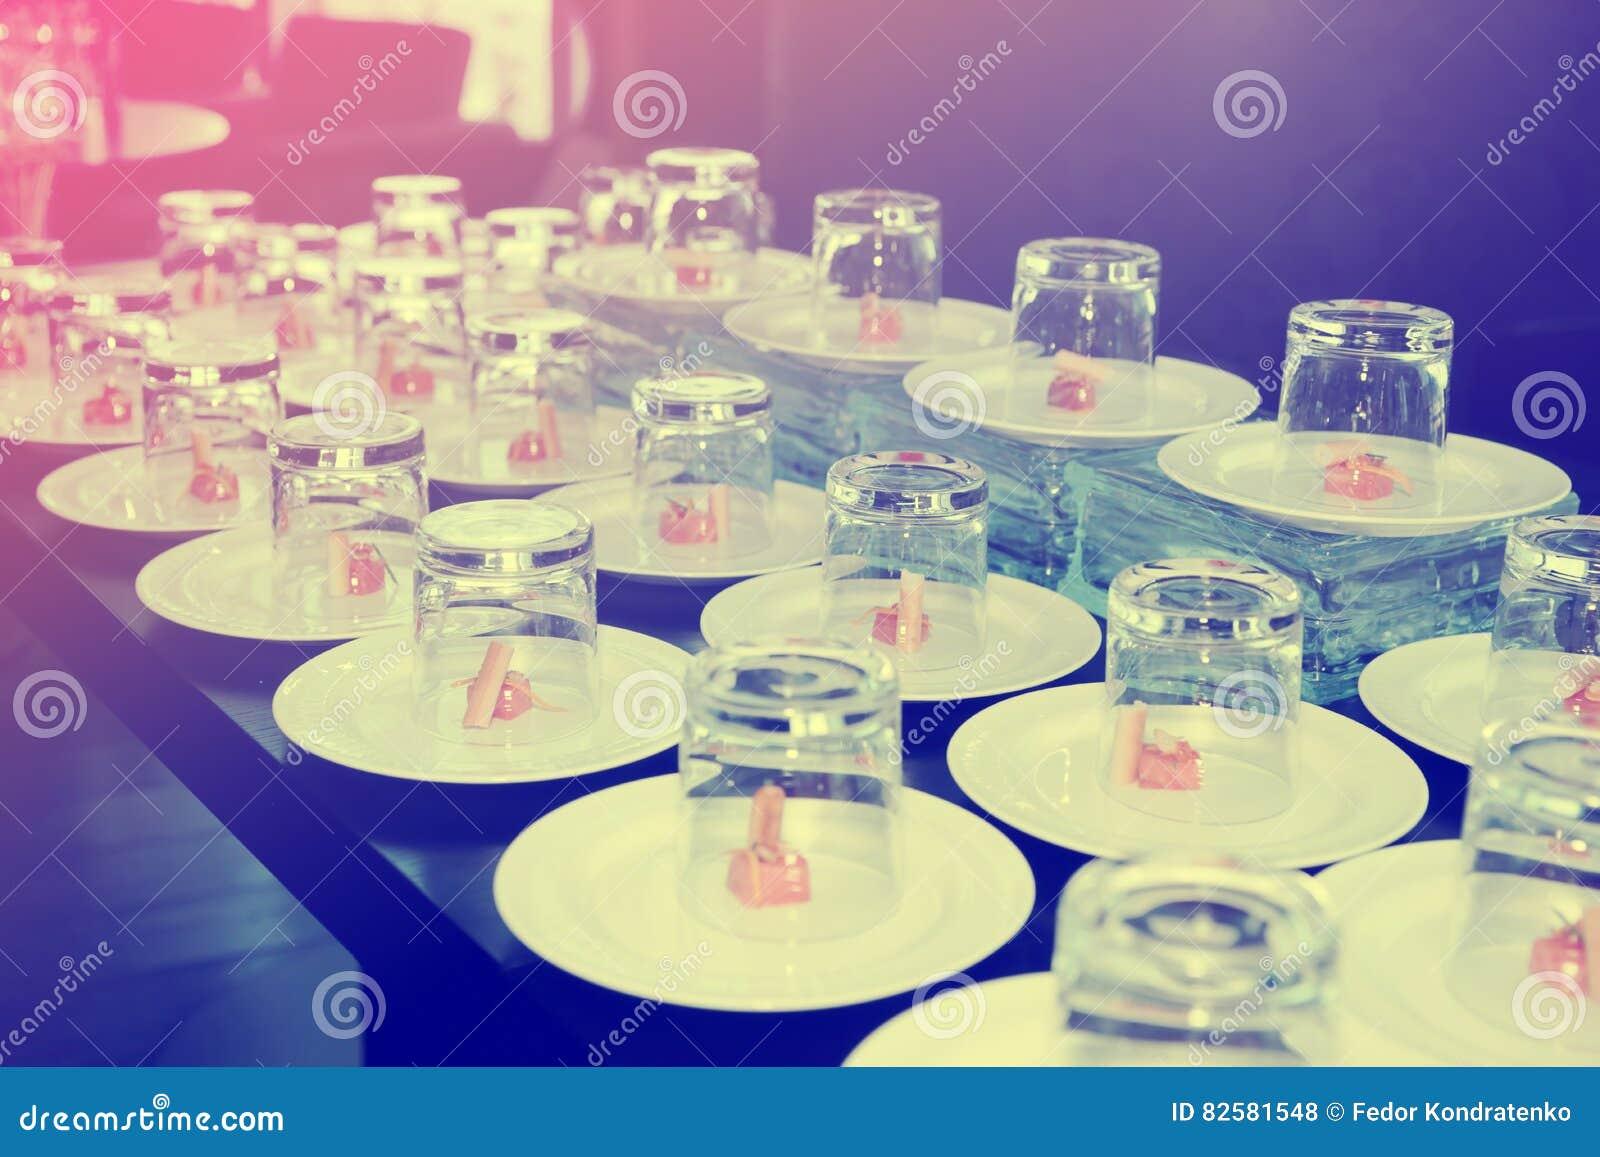 Petiscos salmon pequenos cobertos com os vidros